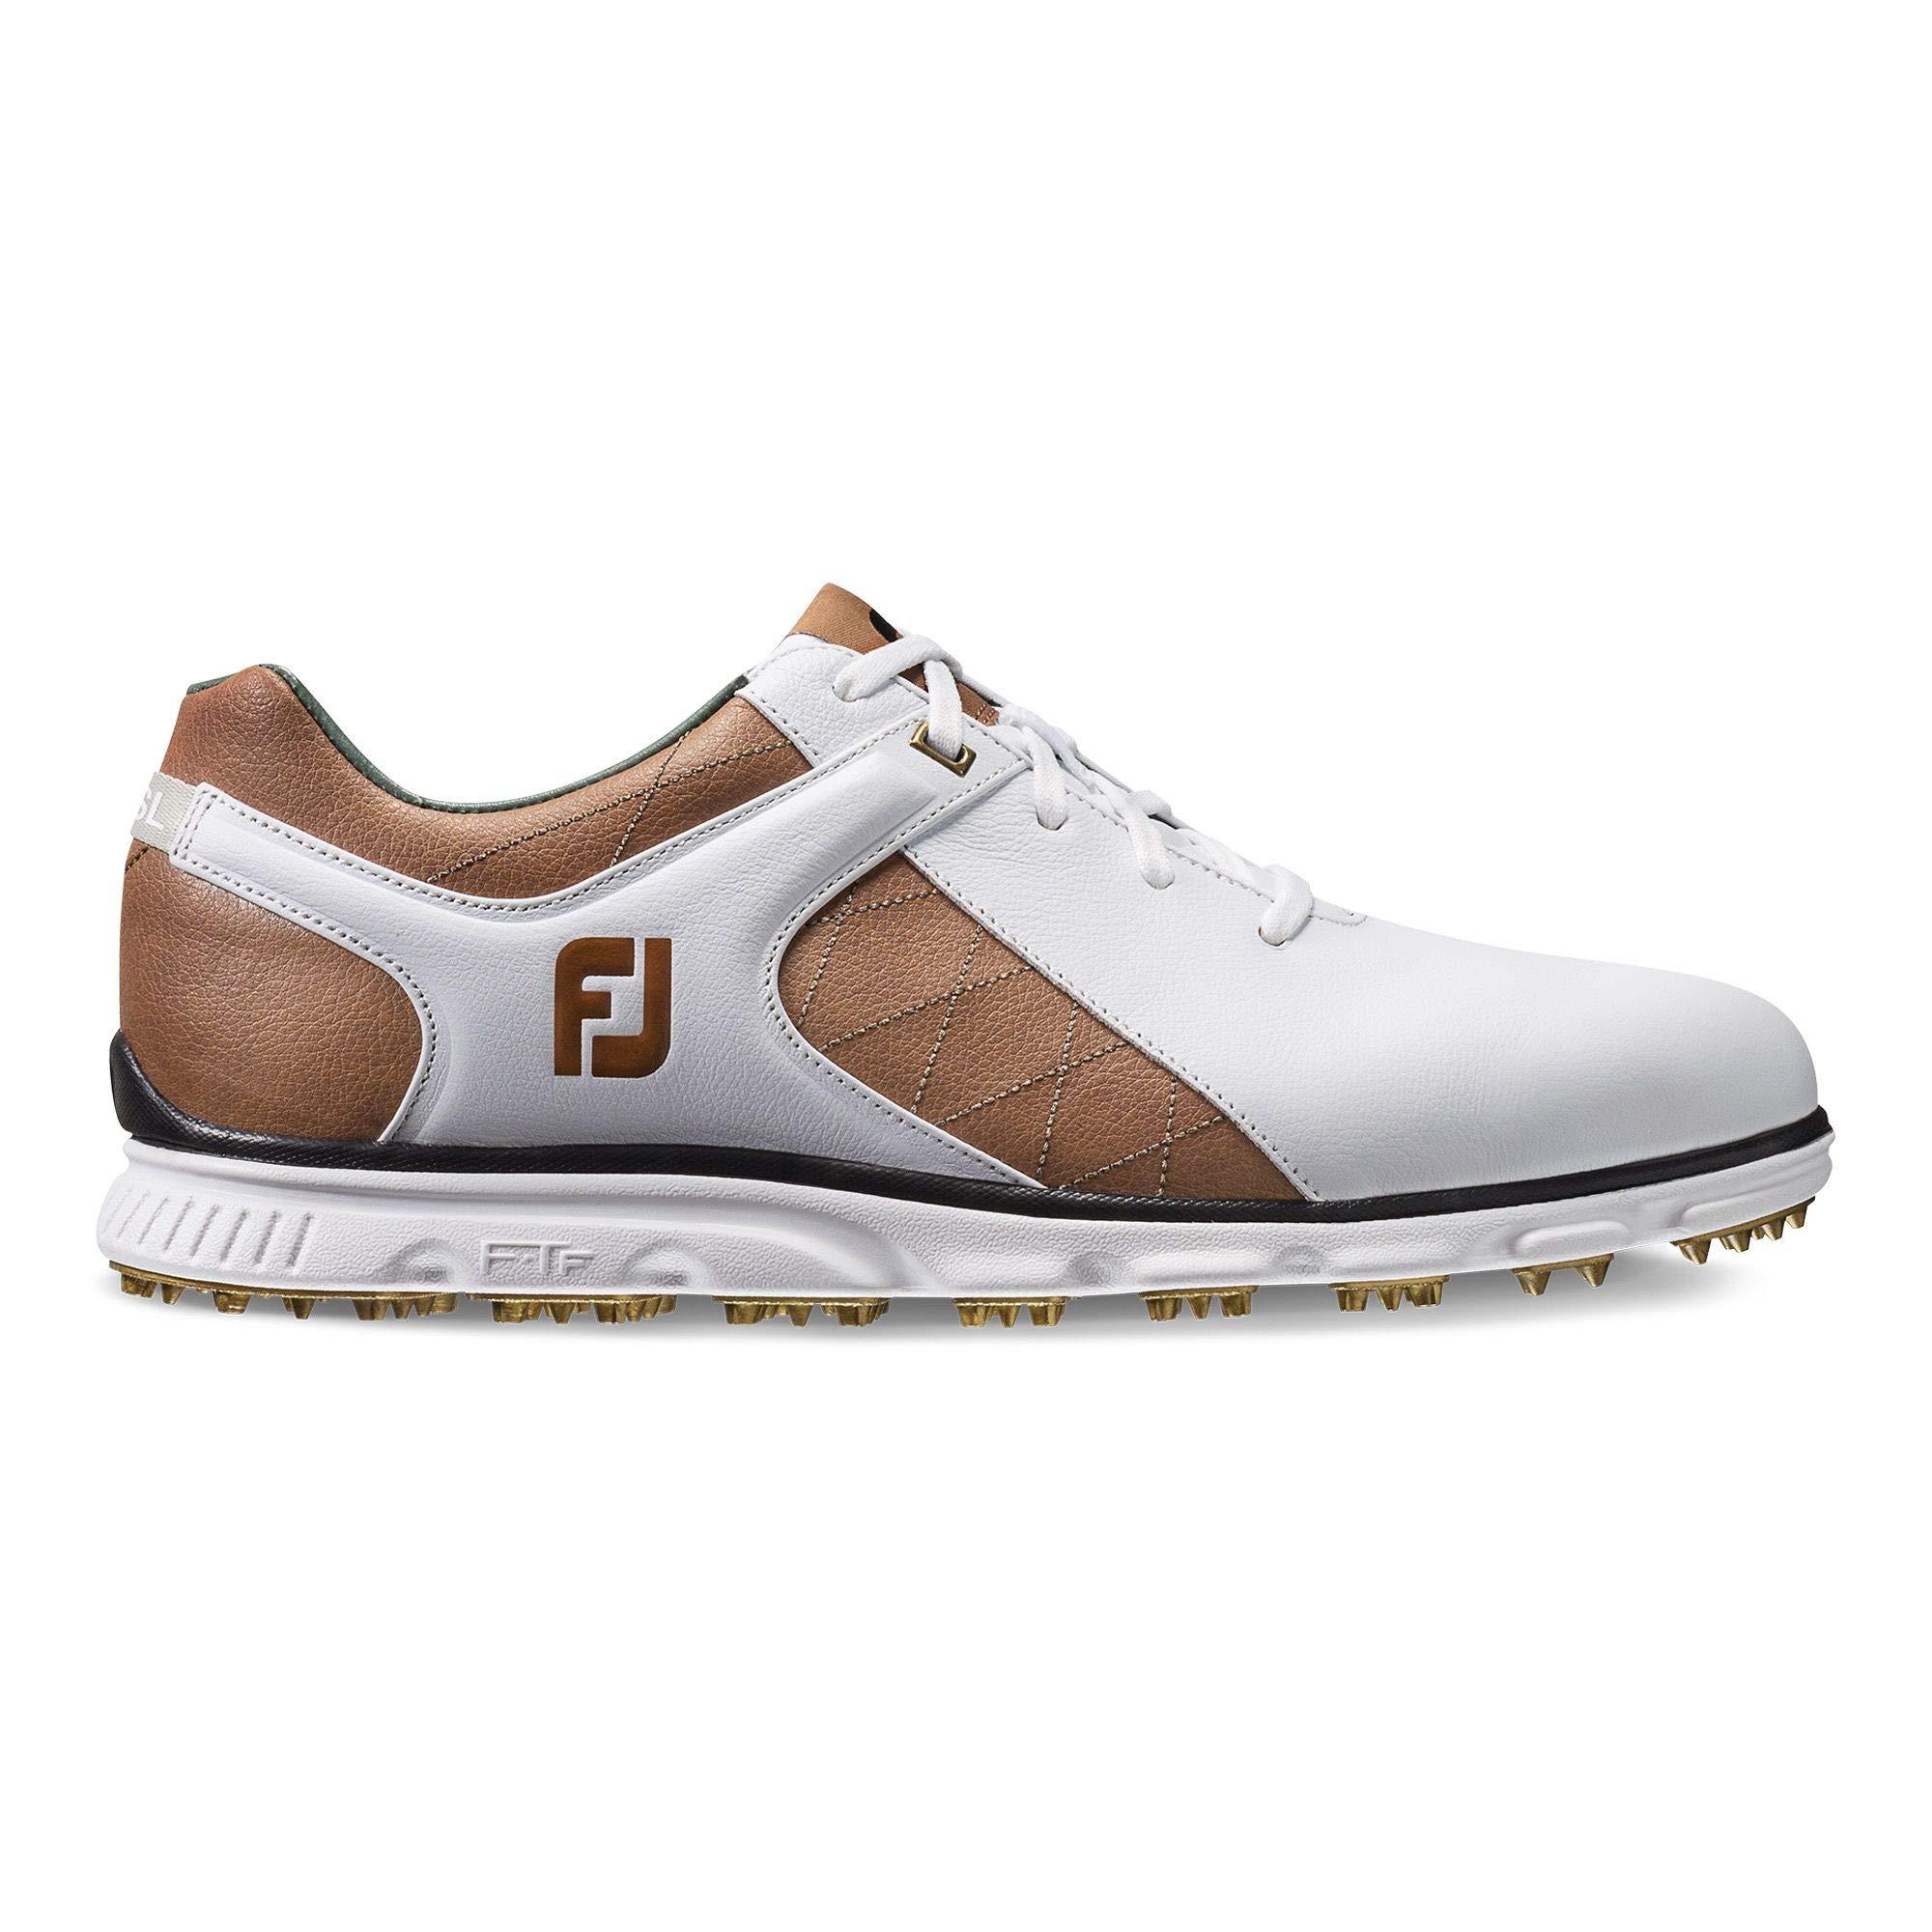 FootJoy Men's Pro/SL-Previous Season Style Golf Shoes White 8 M Tan, US